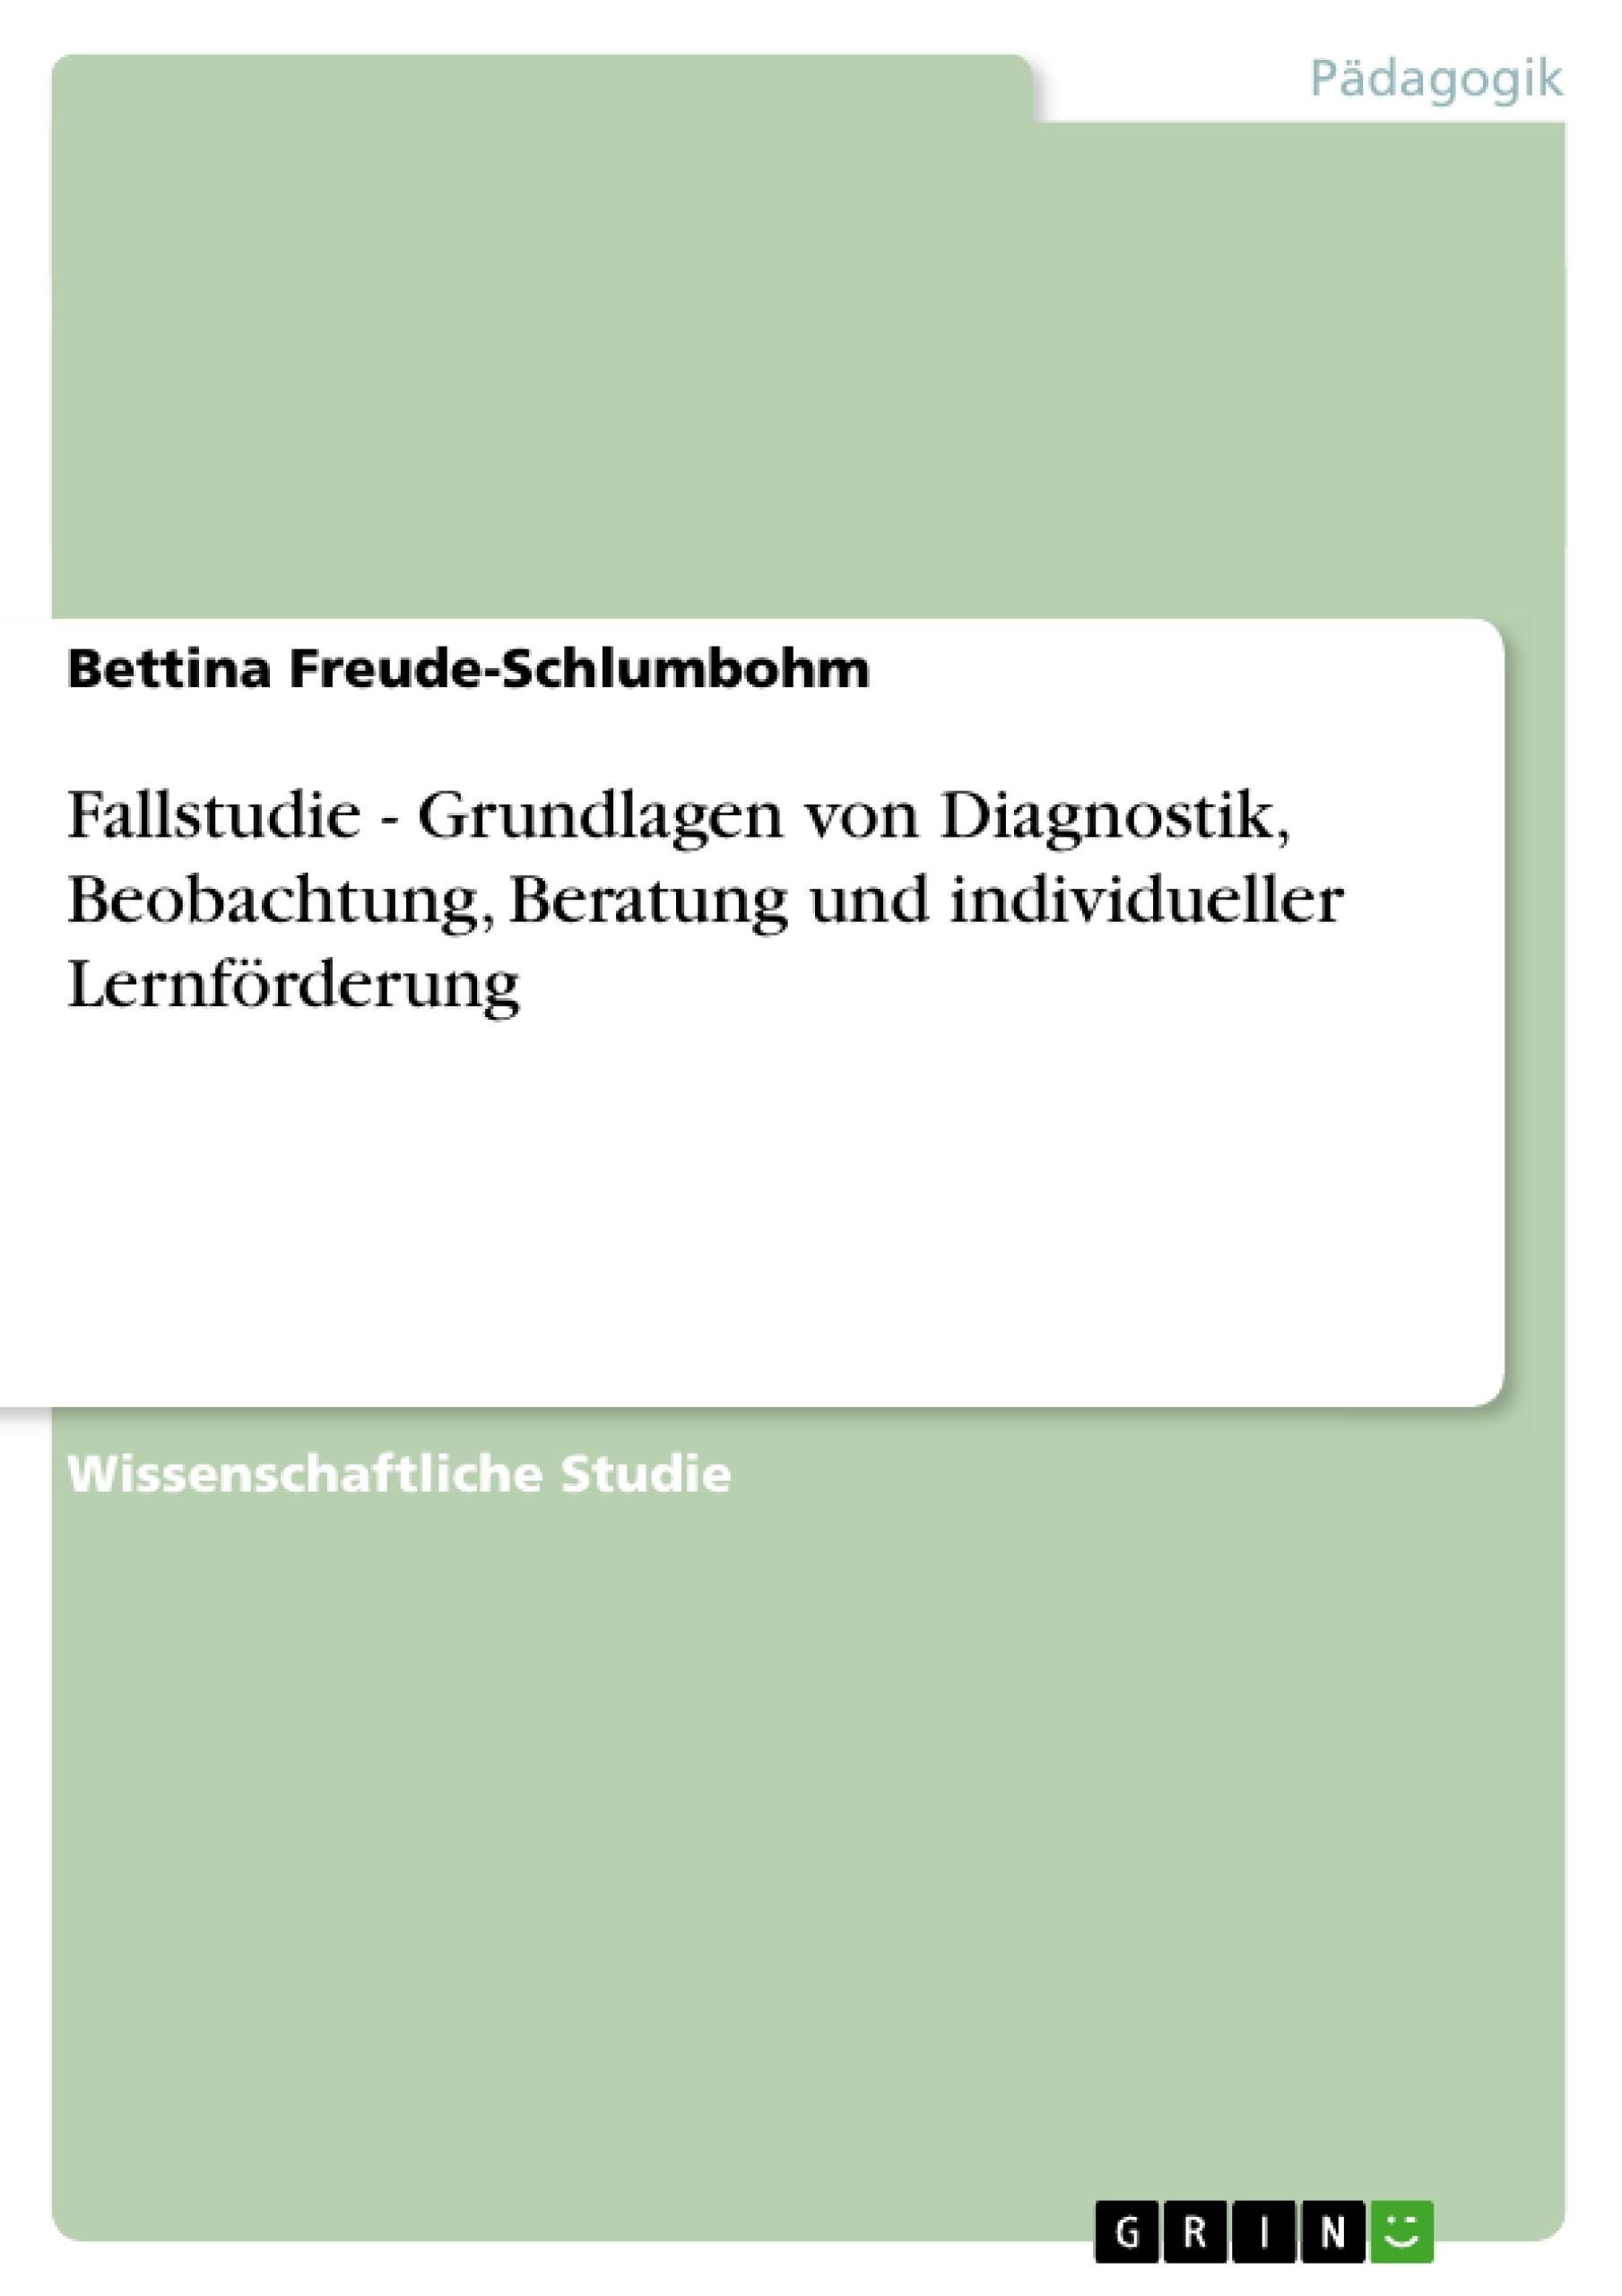 Titel: Fallstudie - Grundlagen von Diagnostik, Beobachtung, Beratung und individueller Lernförderung